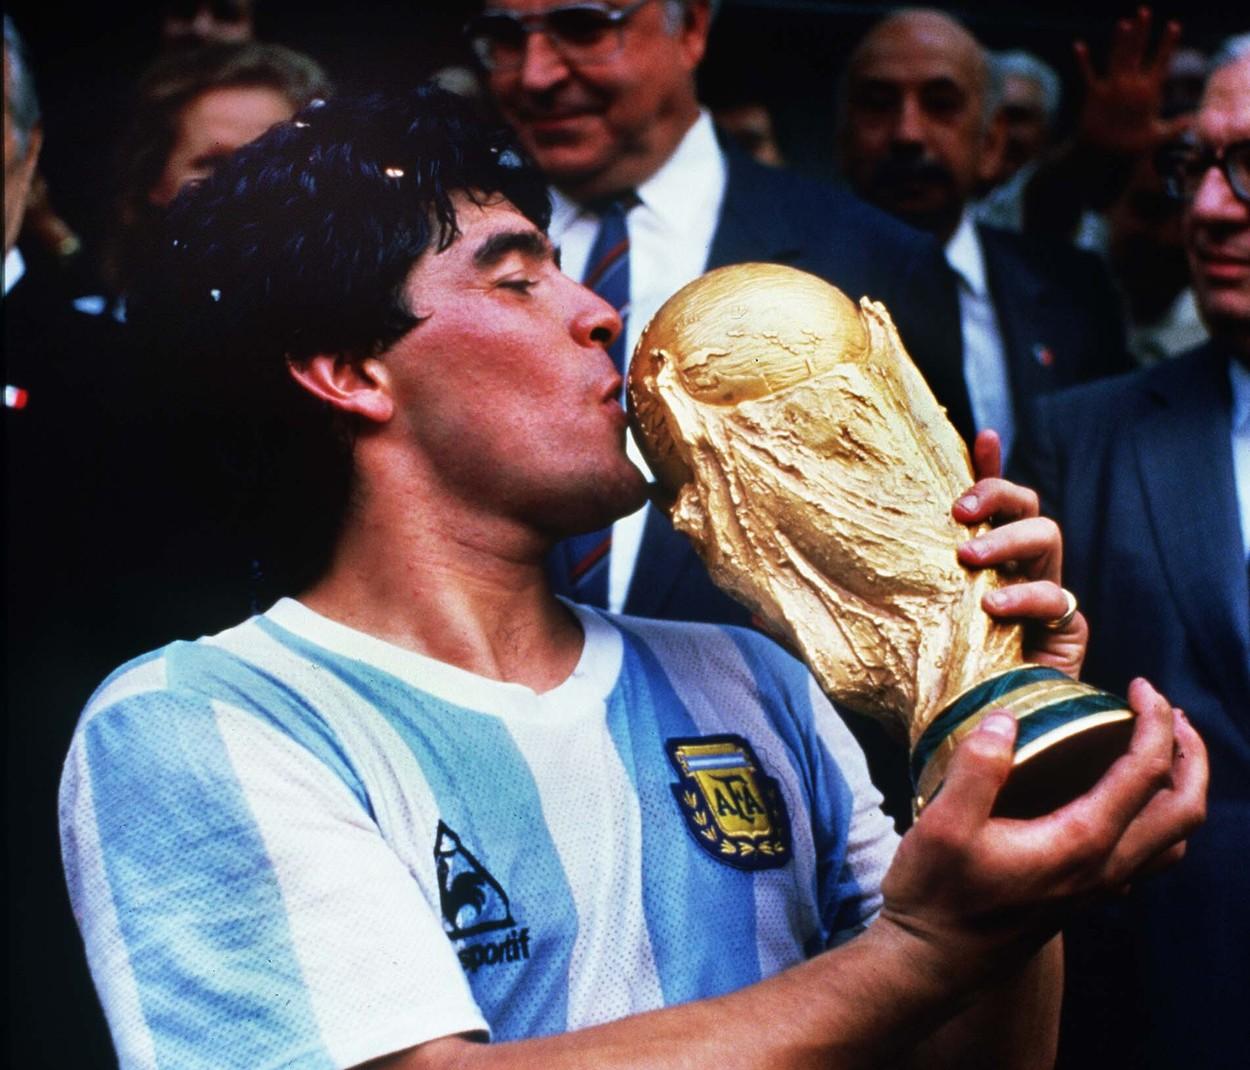 Ultimul interviu dat de Maradona înainte de a muri: Fotbalul mi-a dat totul